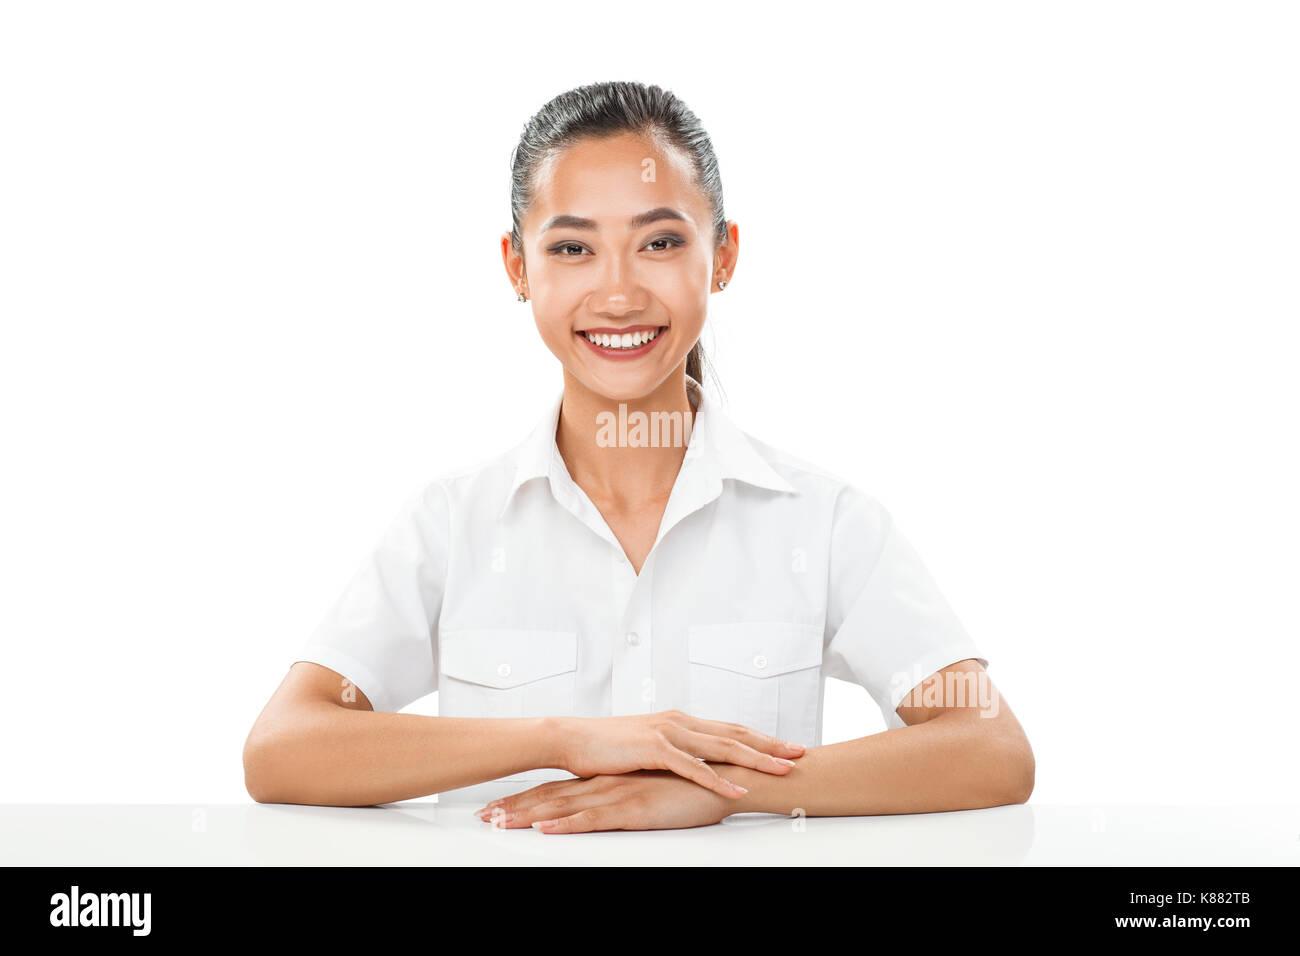 Weißer Mann aus asiatisches Mädchen Beschreibung der Geschwindigkeit Dating